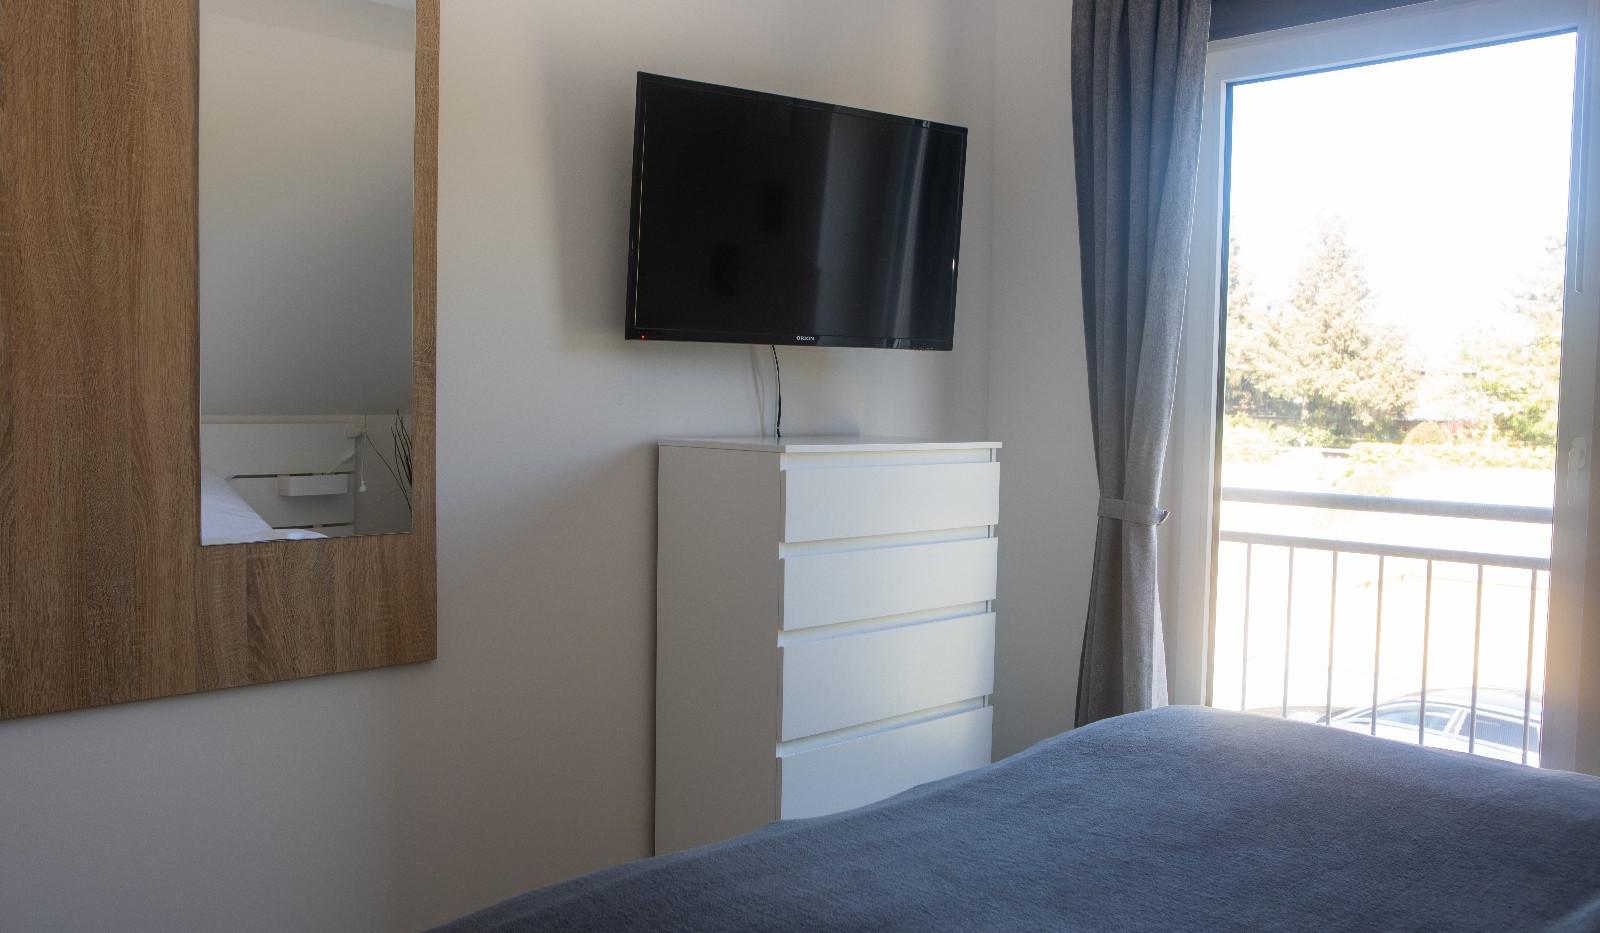 Ferienhaus Paul - Alle Schlafzimmer mit TV